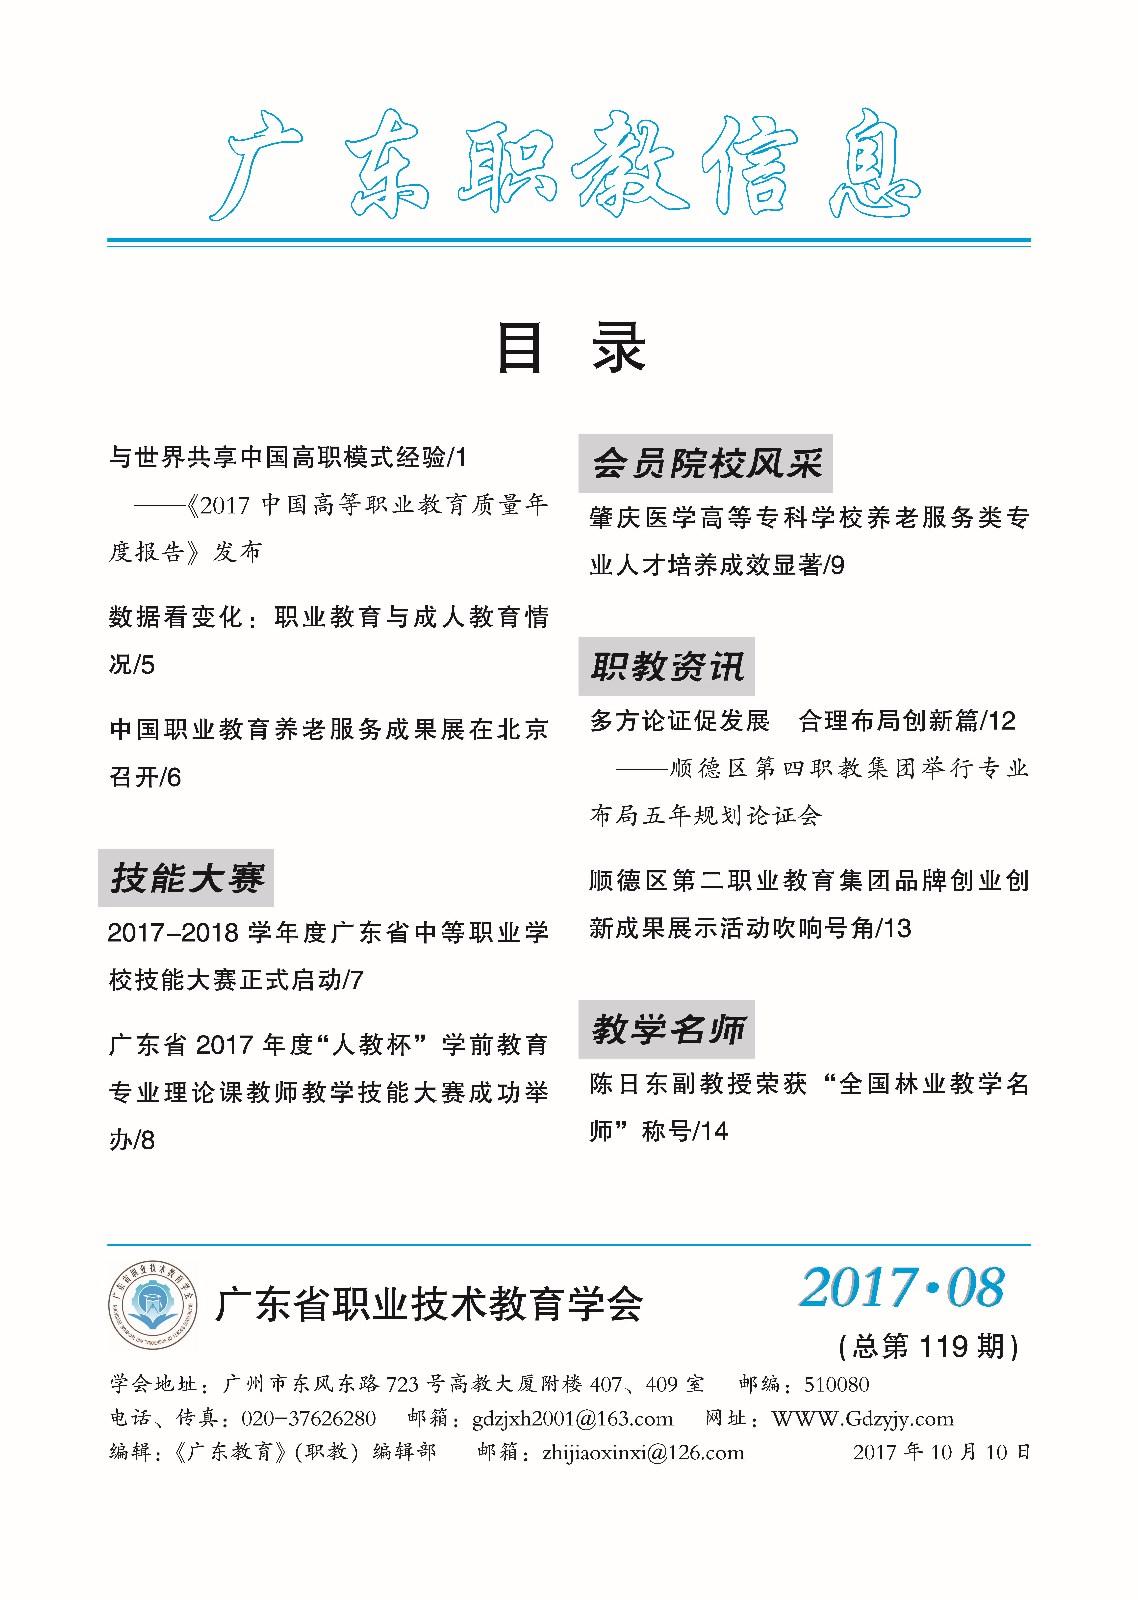 广东职教信息2017年第8期 1.jpg